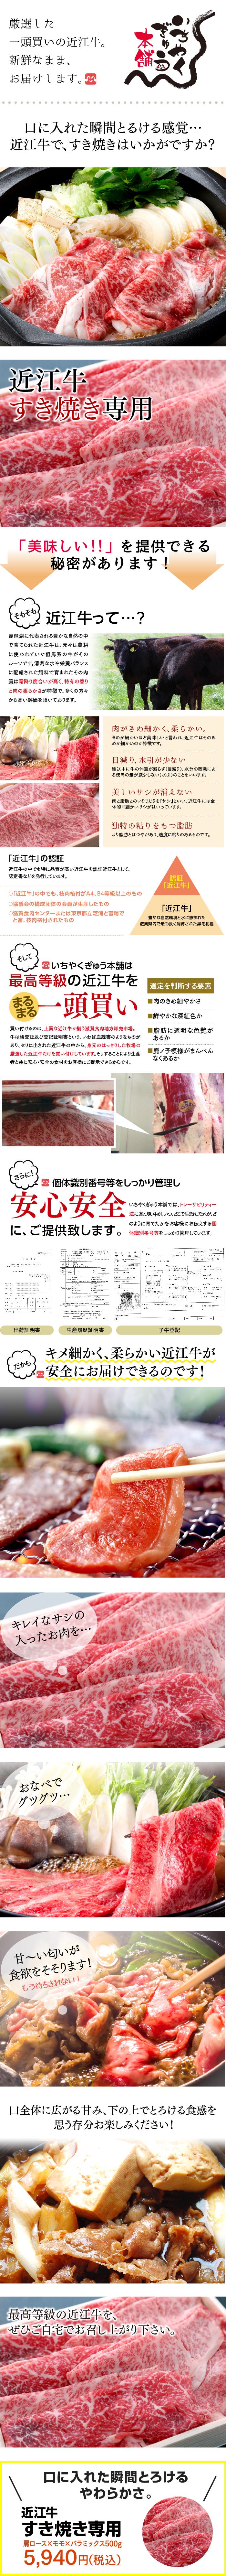 いちやくぎゅう本舗 近江牛 すき焼き専用肩ロース・モモ・バラ ミックス 500g(2〜3人前)